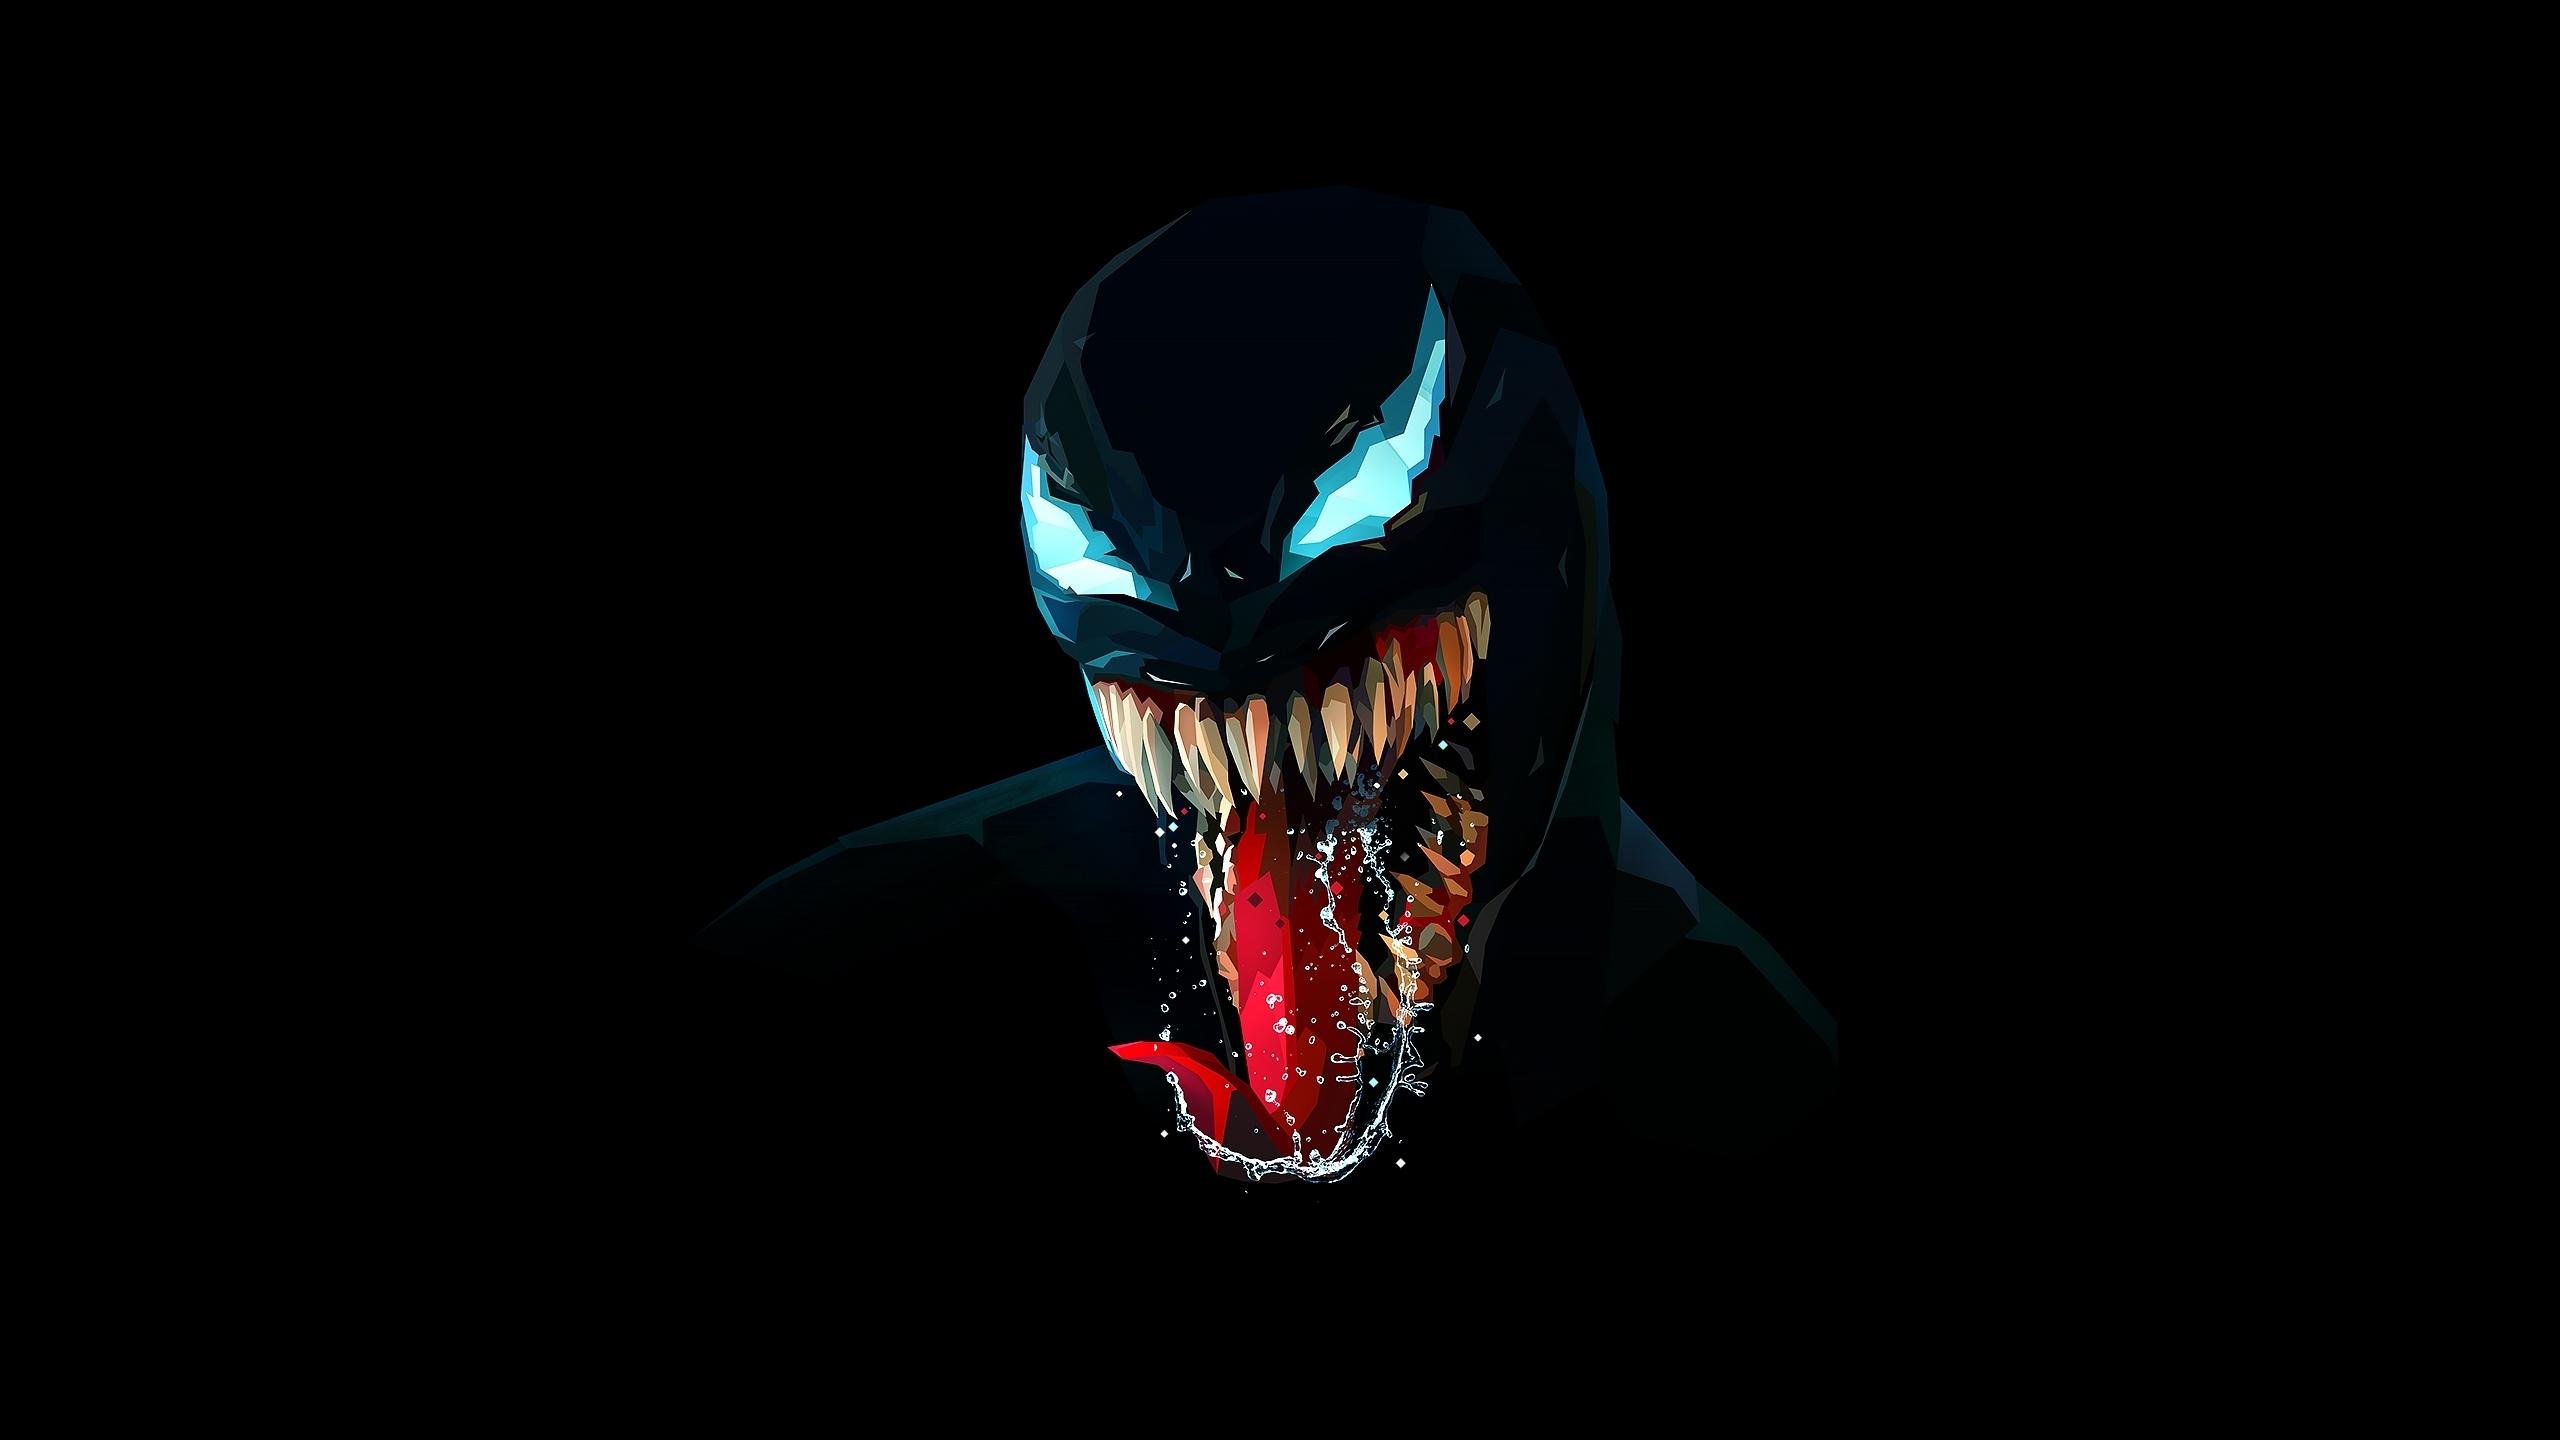 21 9 Pubg Wallpaper Wallpaper Venom Dark 2560x1440 Theallstar 1467527